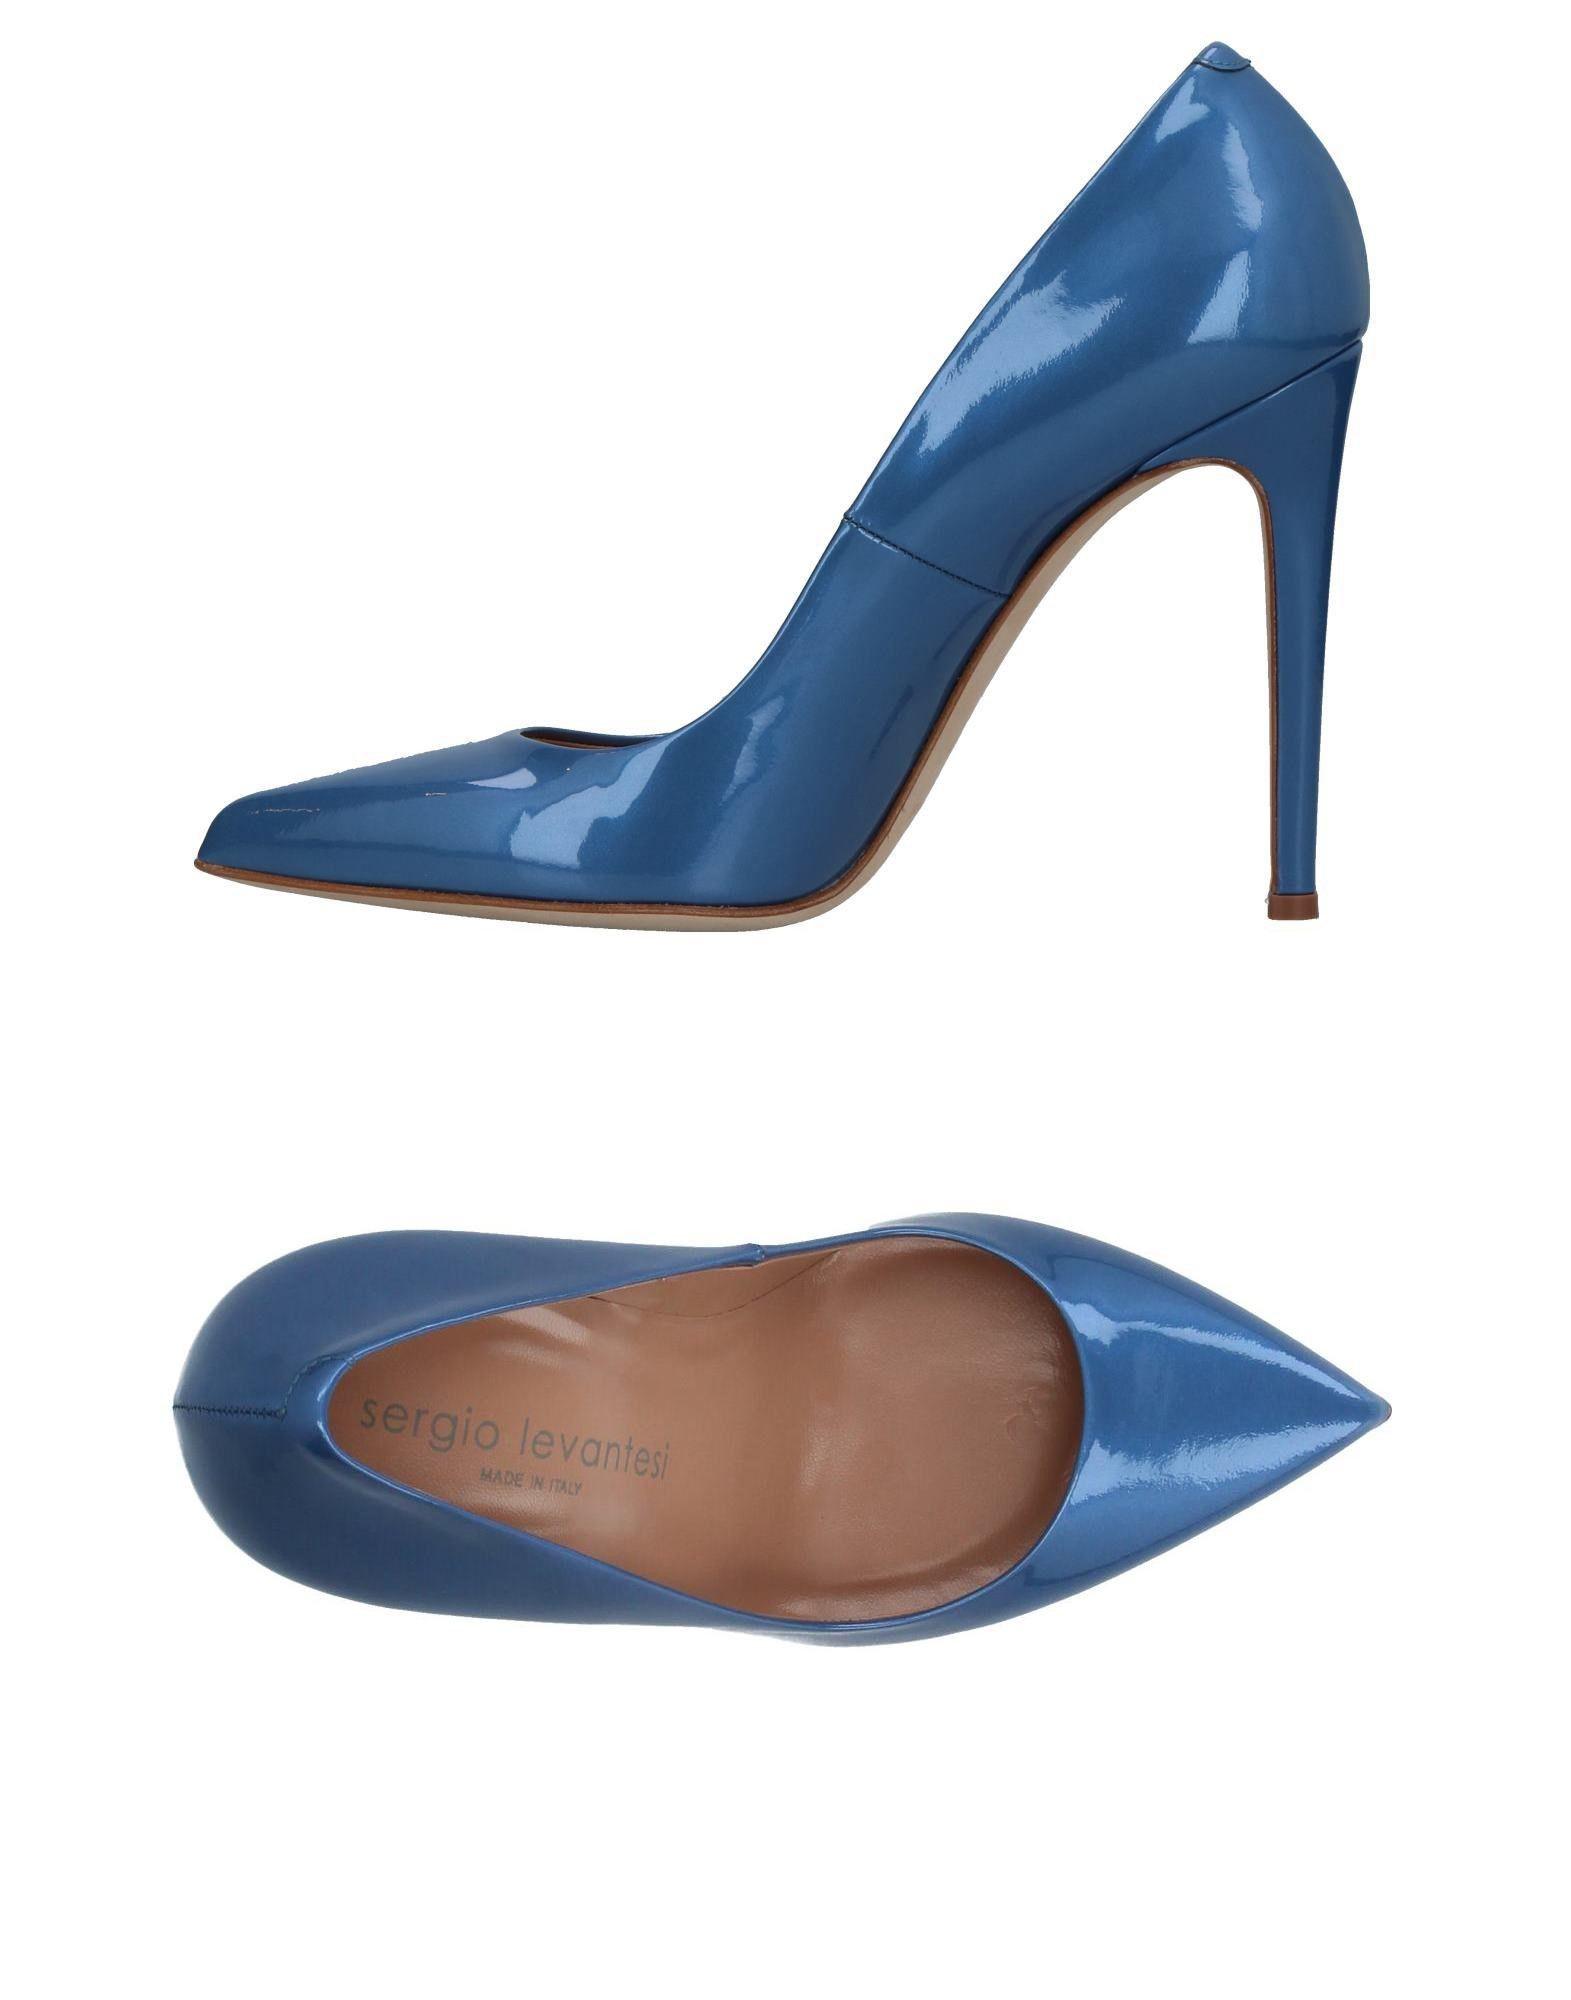 цены на SERGIO LEVANTESI Туфли в интернет-магазинах